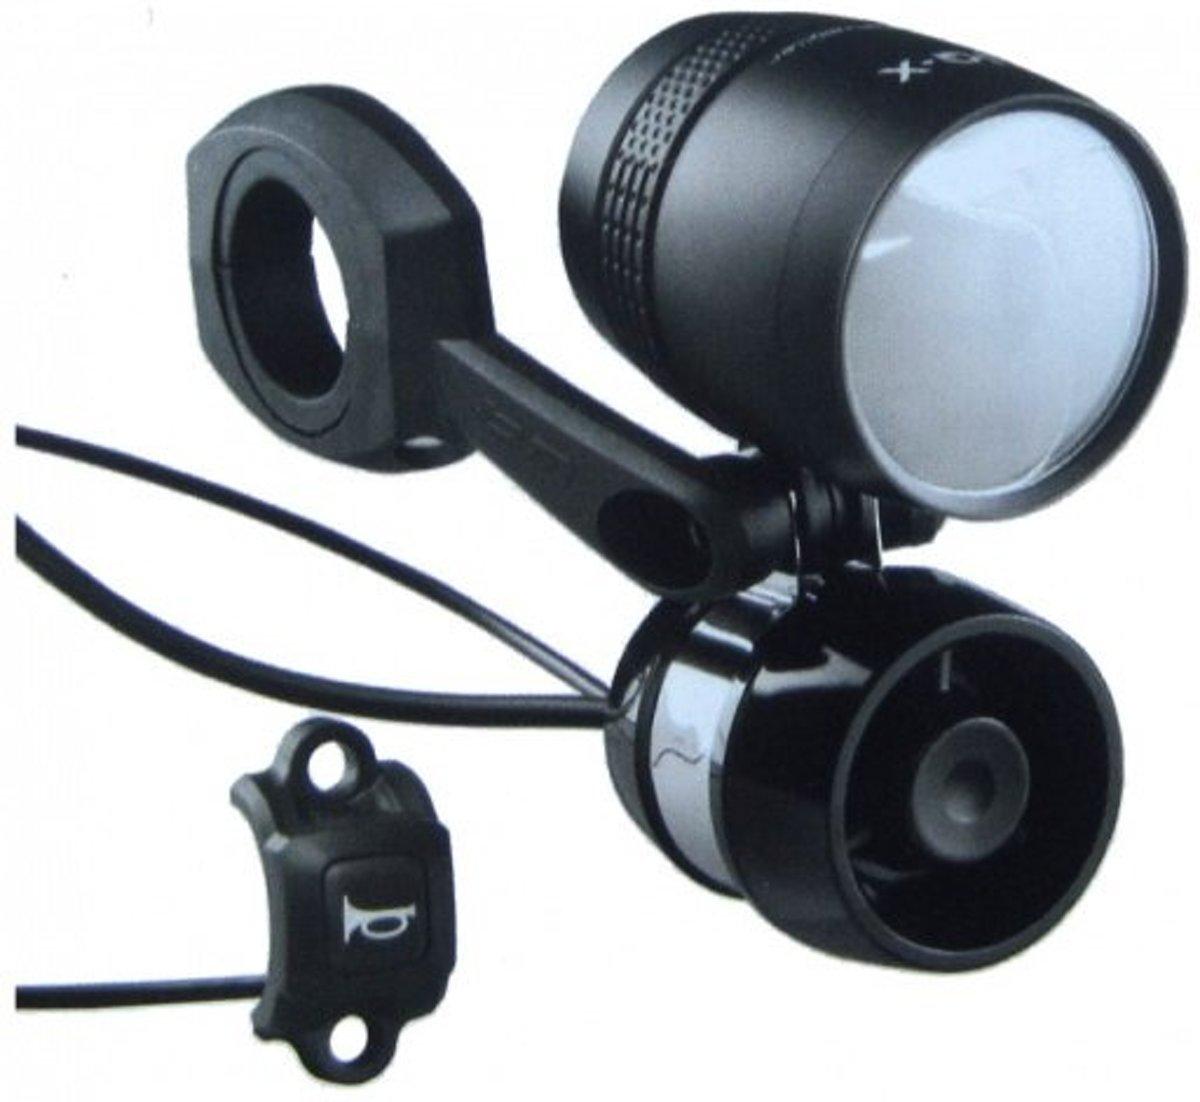 Busch&Muller signaalhoorn E-bike 6-36V zwart